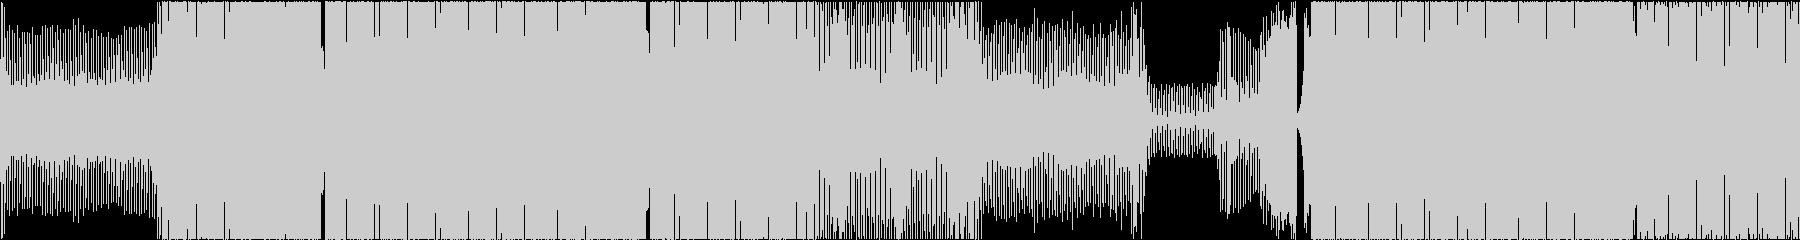 テクノ トランス アグレッシブ 前向きの未再生の波形